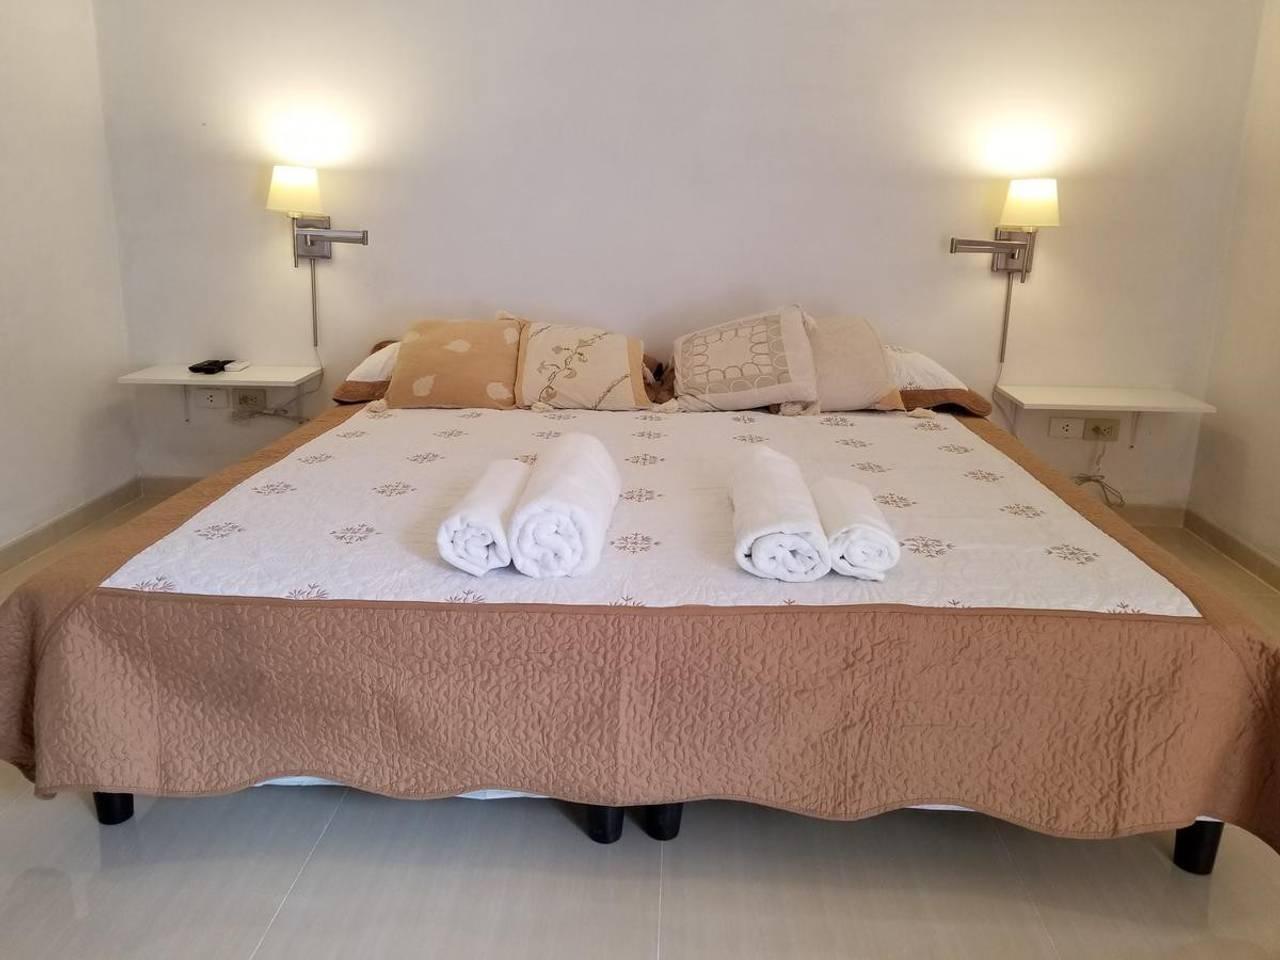 Villa Don Teto 8 Rooms: Luxury & Great Havana View photo 5730805